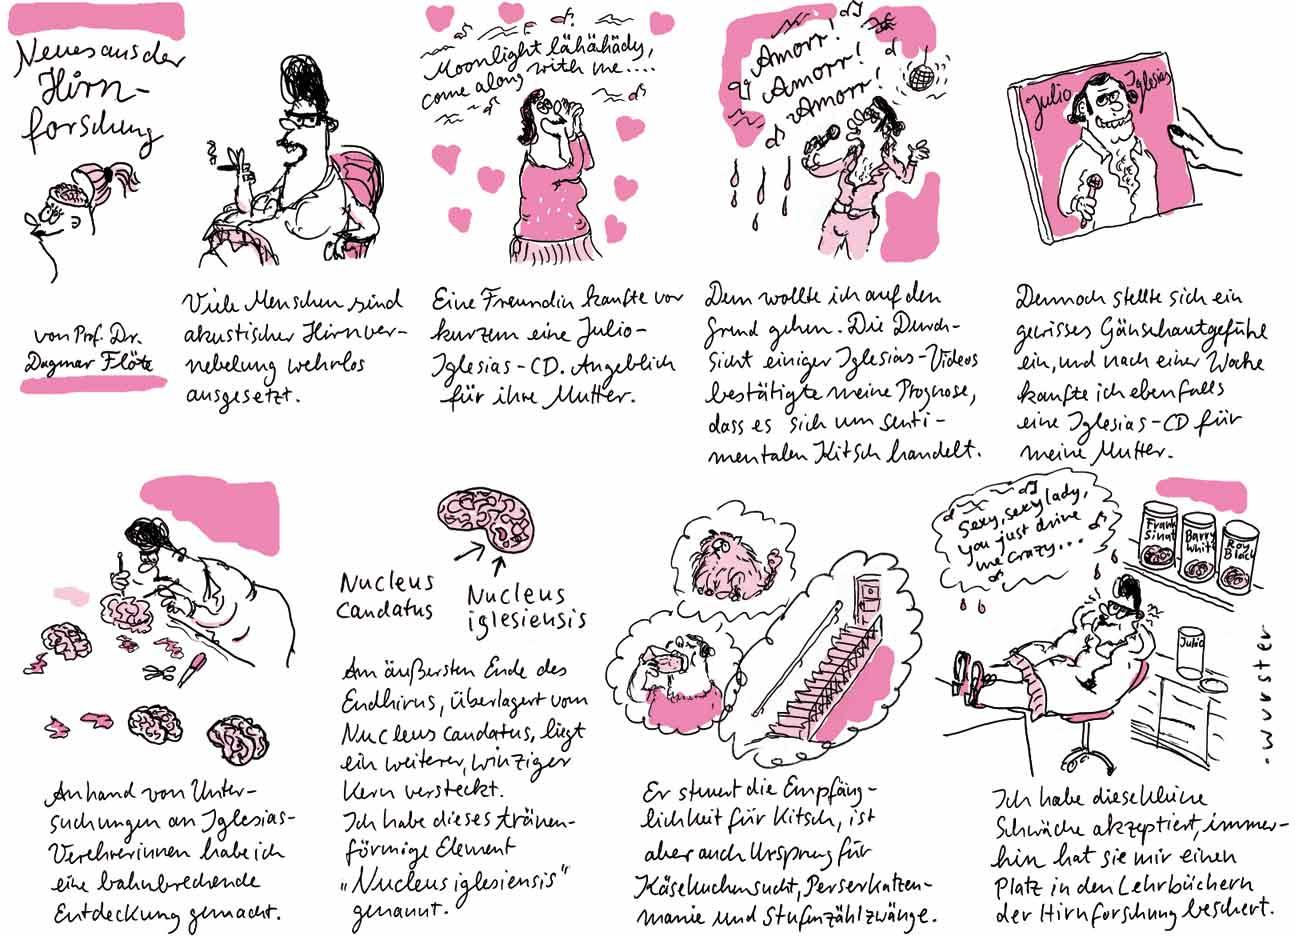 Gehirn Kitsch Manien Zwänge Musik Forschung Wissenschaft